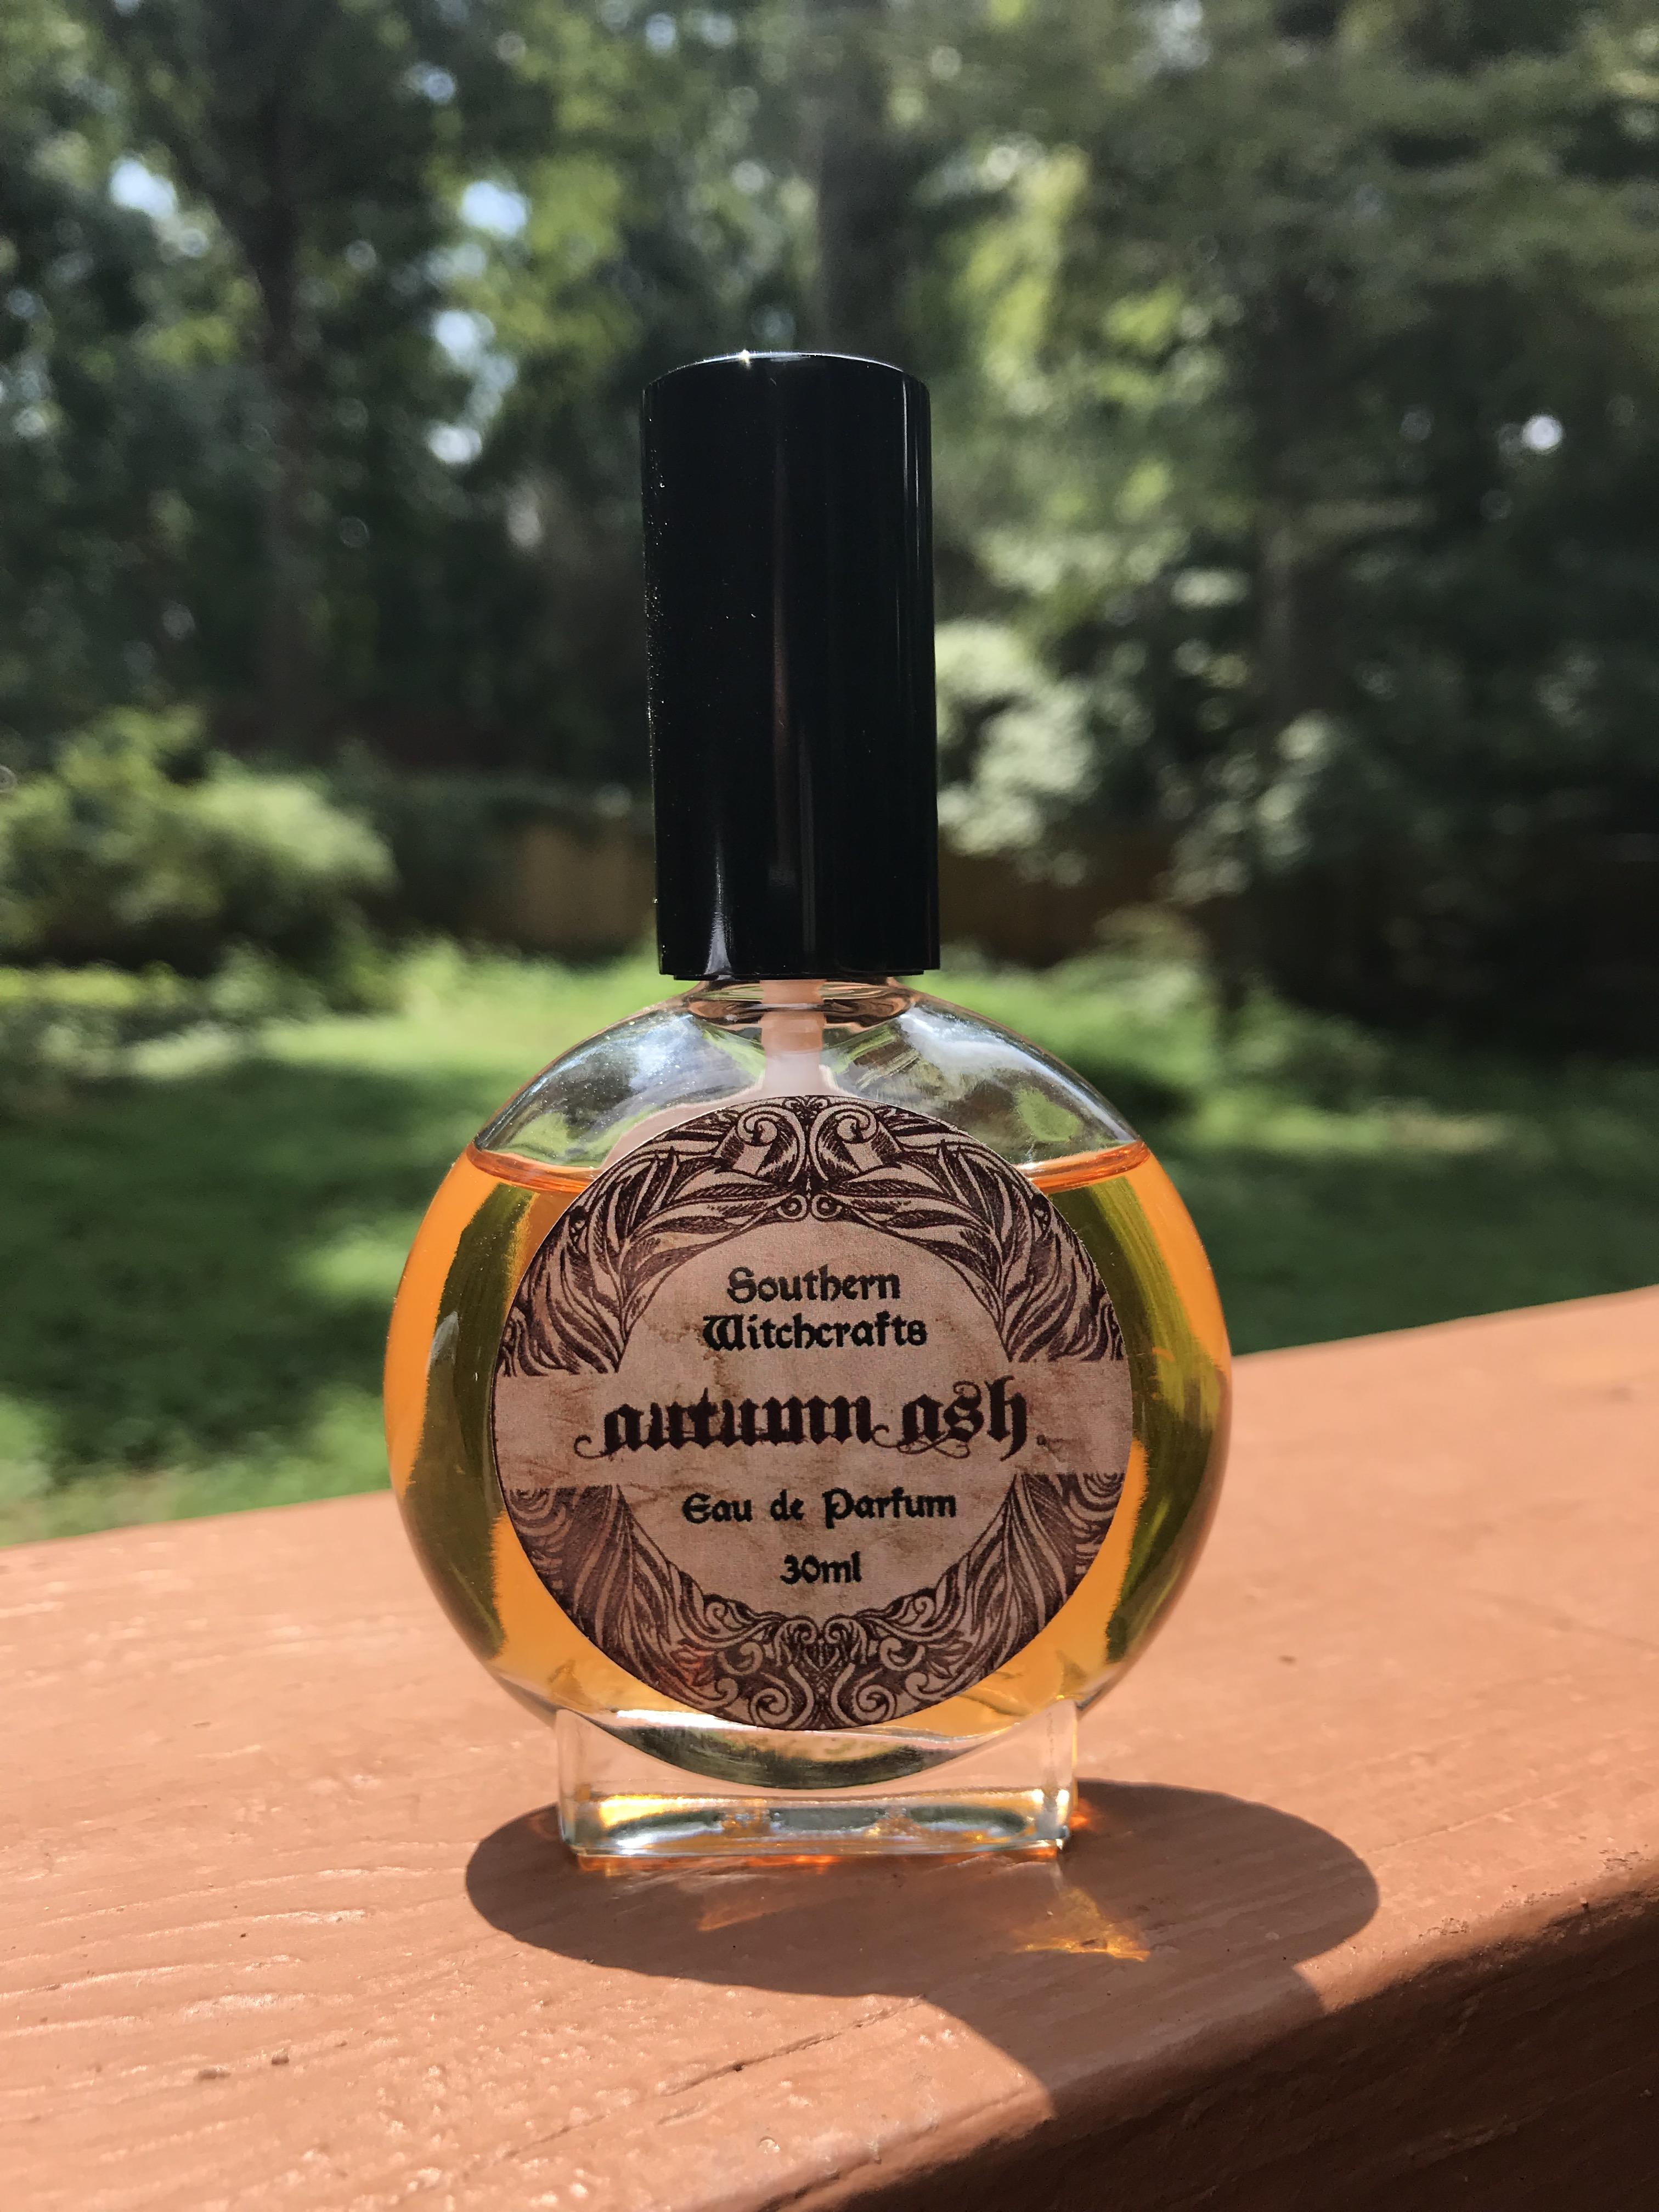 Southern Witchcrafts - Autumn Ash - Eau de Parfum image